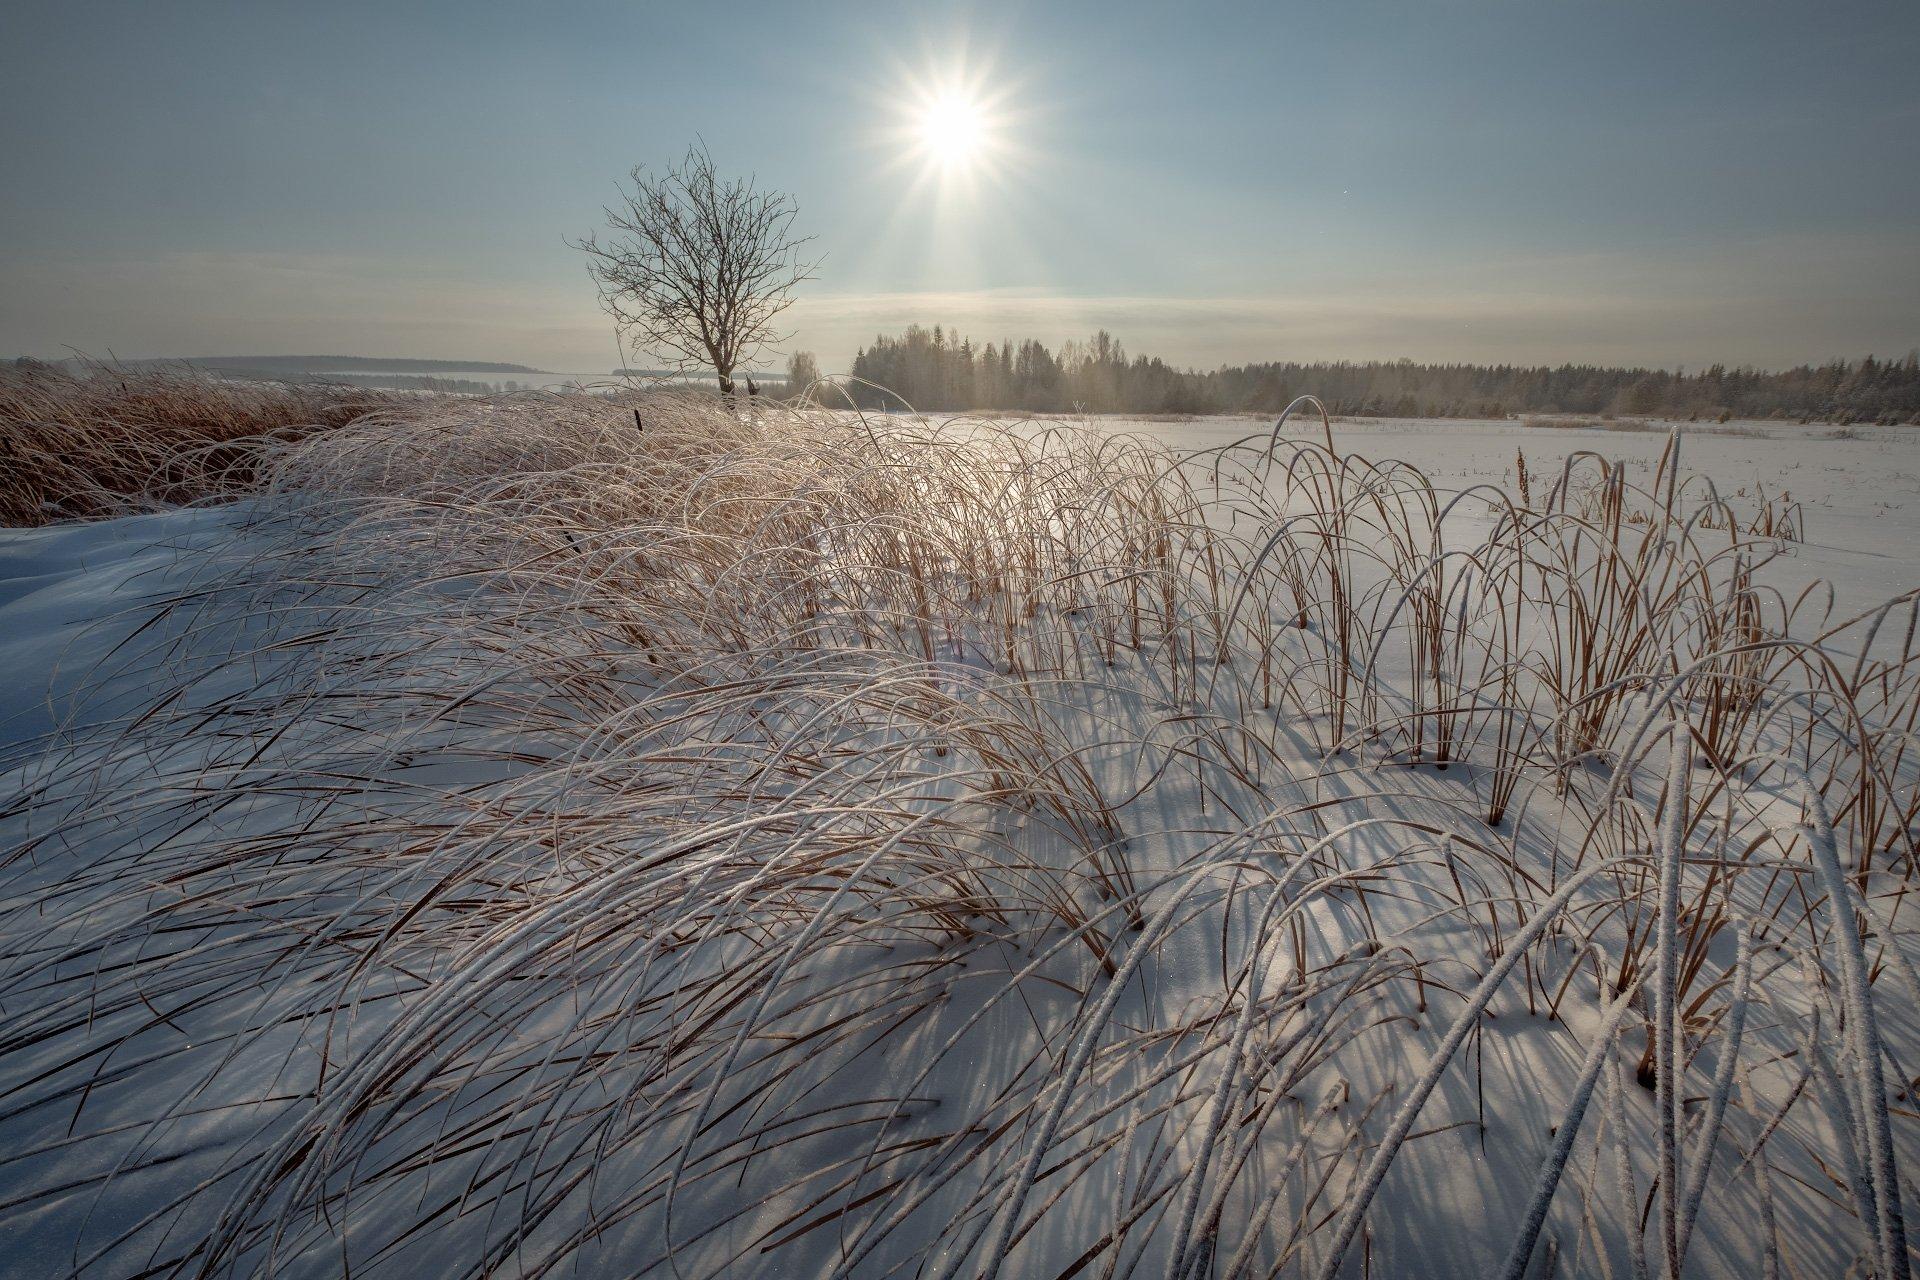 пейзаж, зима, болото, снег, утро, рассвет, восход, мороз, холод, чусовая, пермь, пермский край, путешествие, приключения, Андрей Чиж